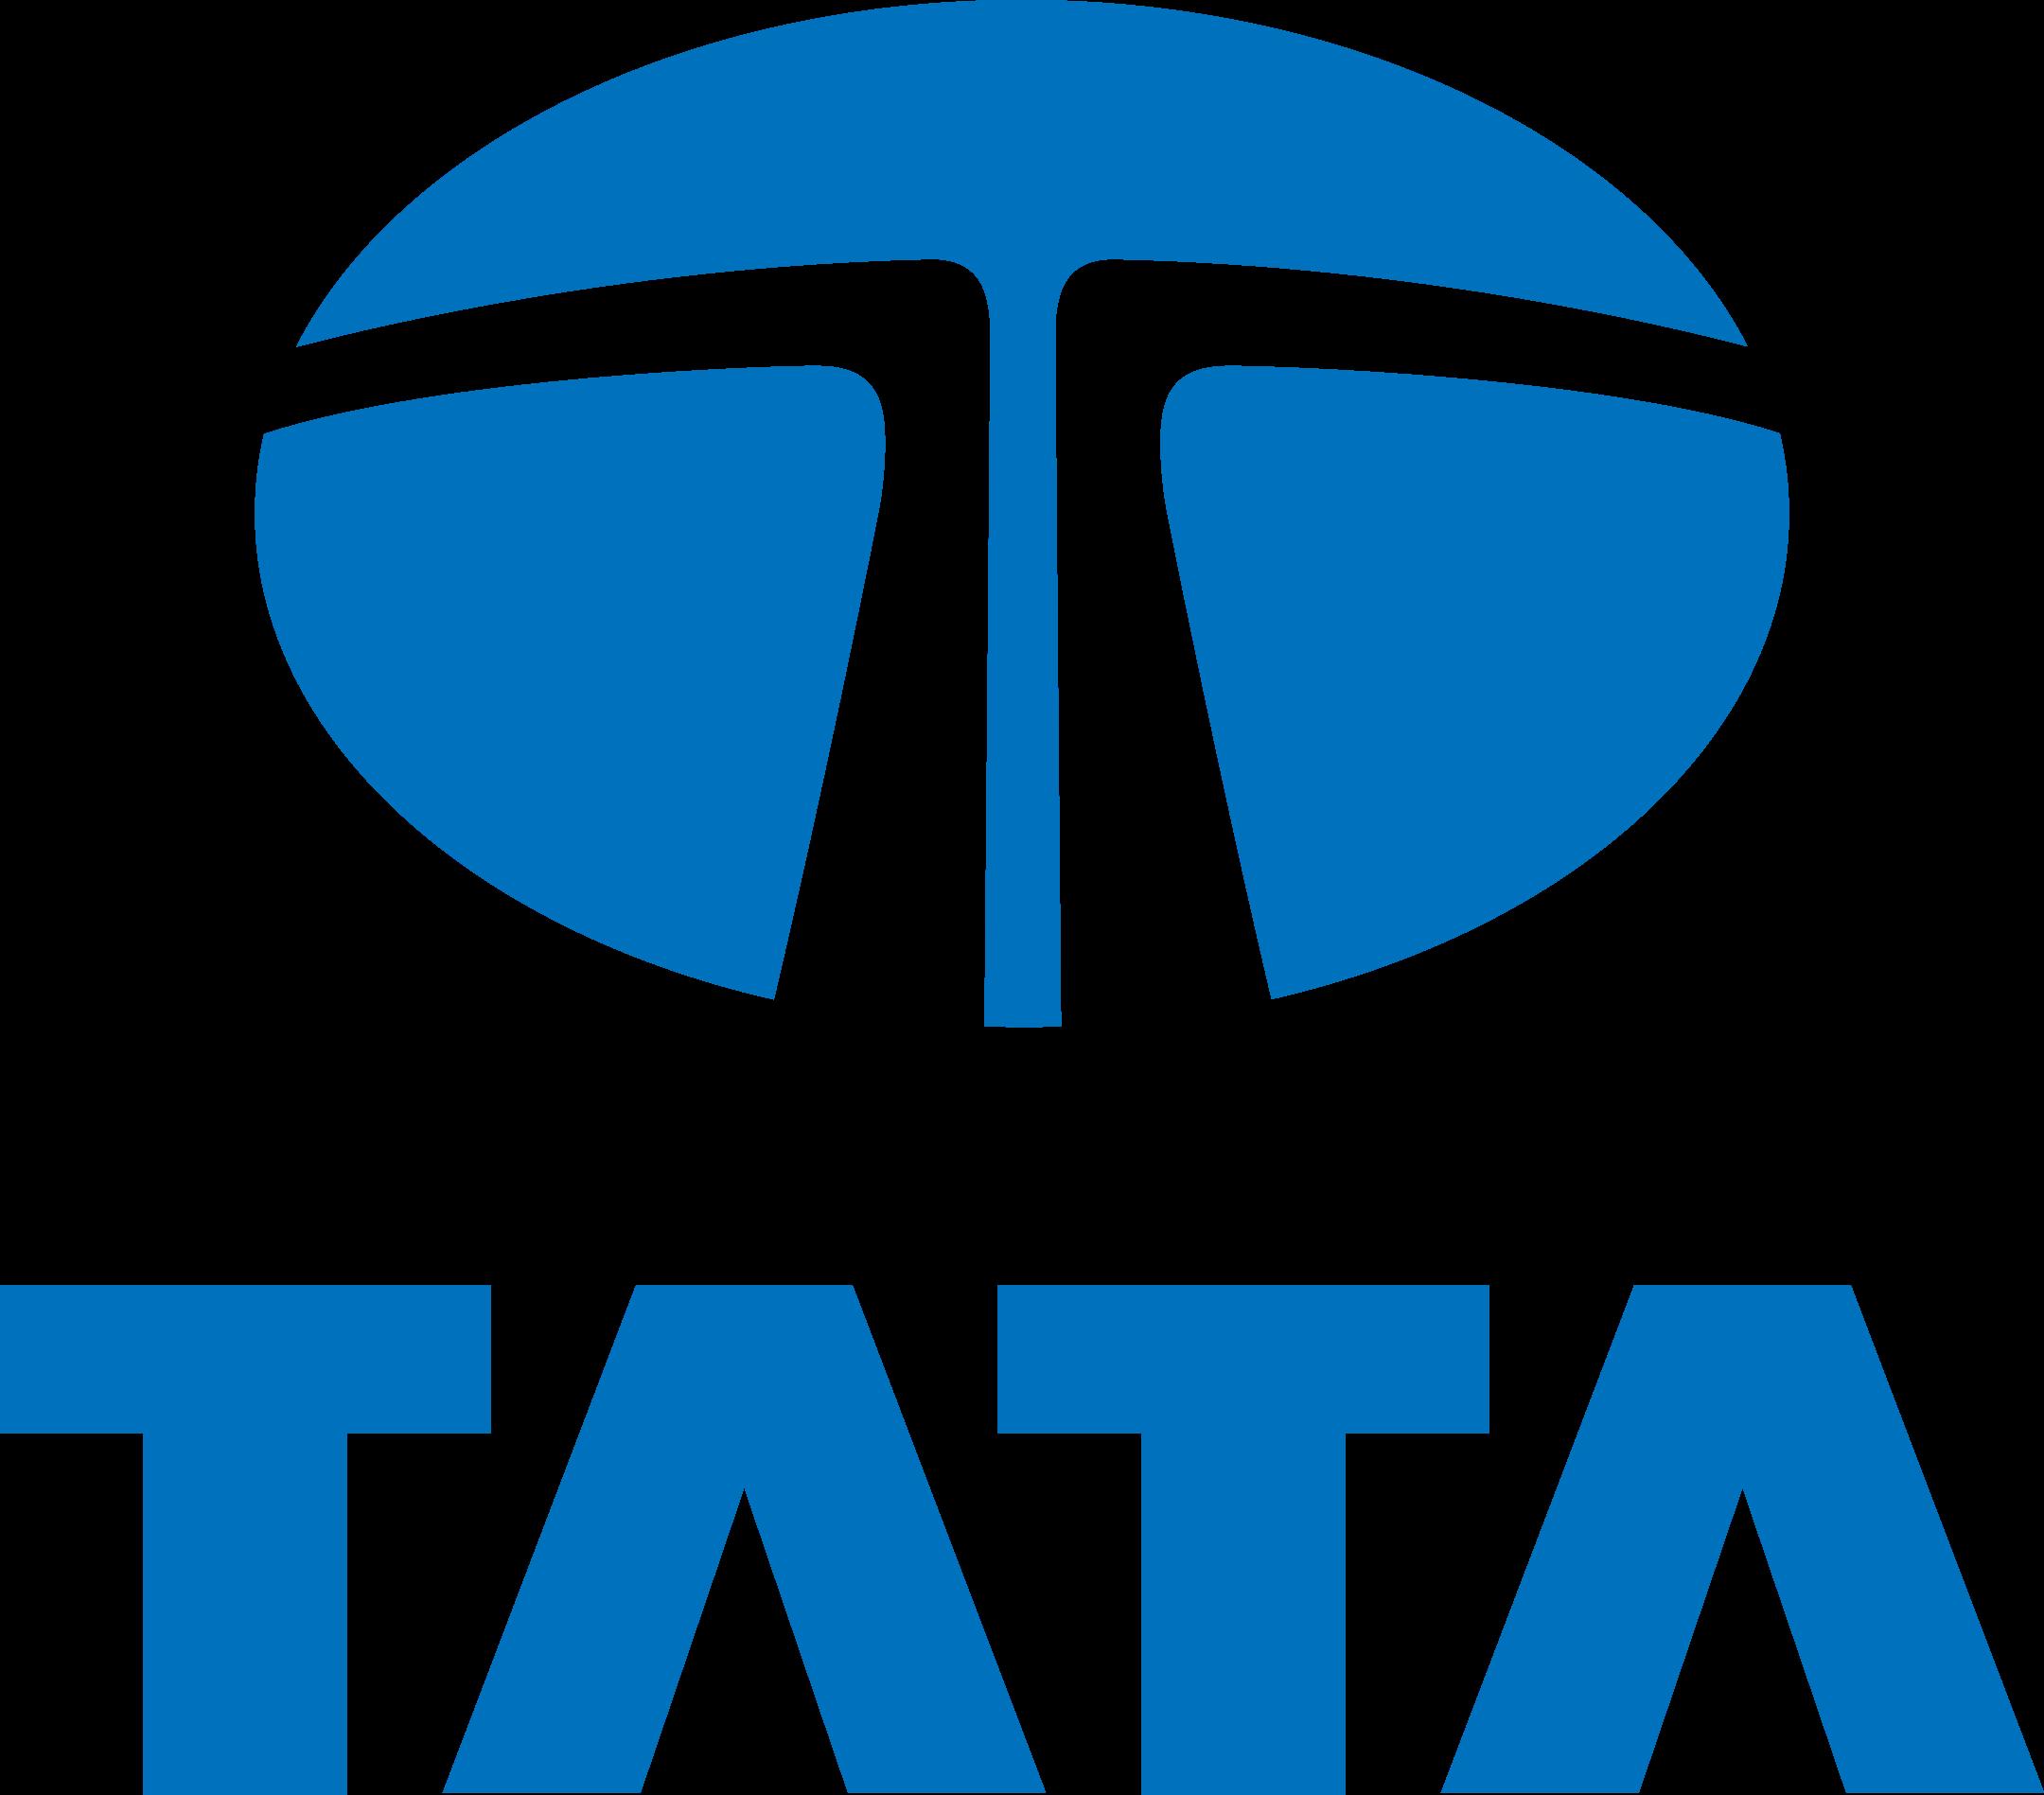 tata motors logo 3 - Tata Motors Logo